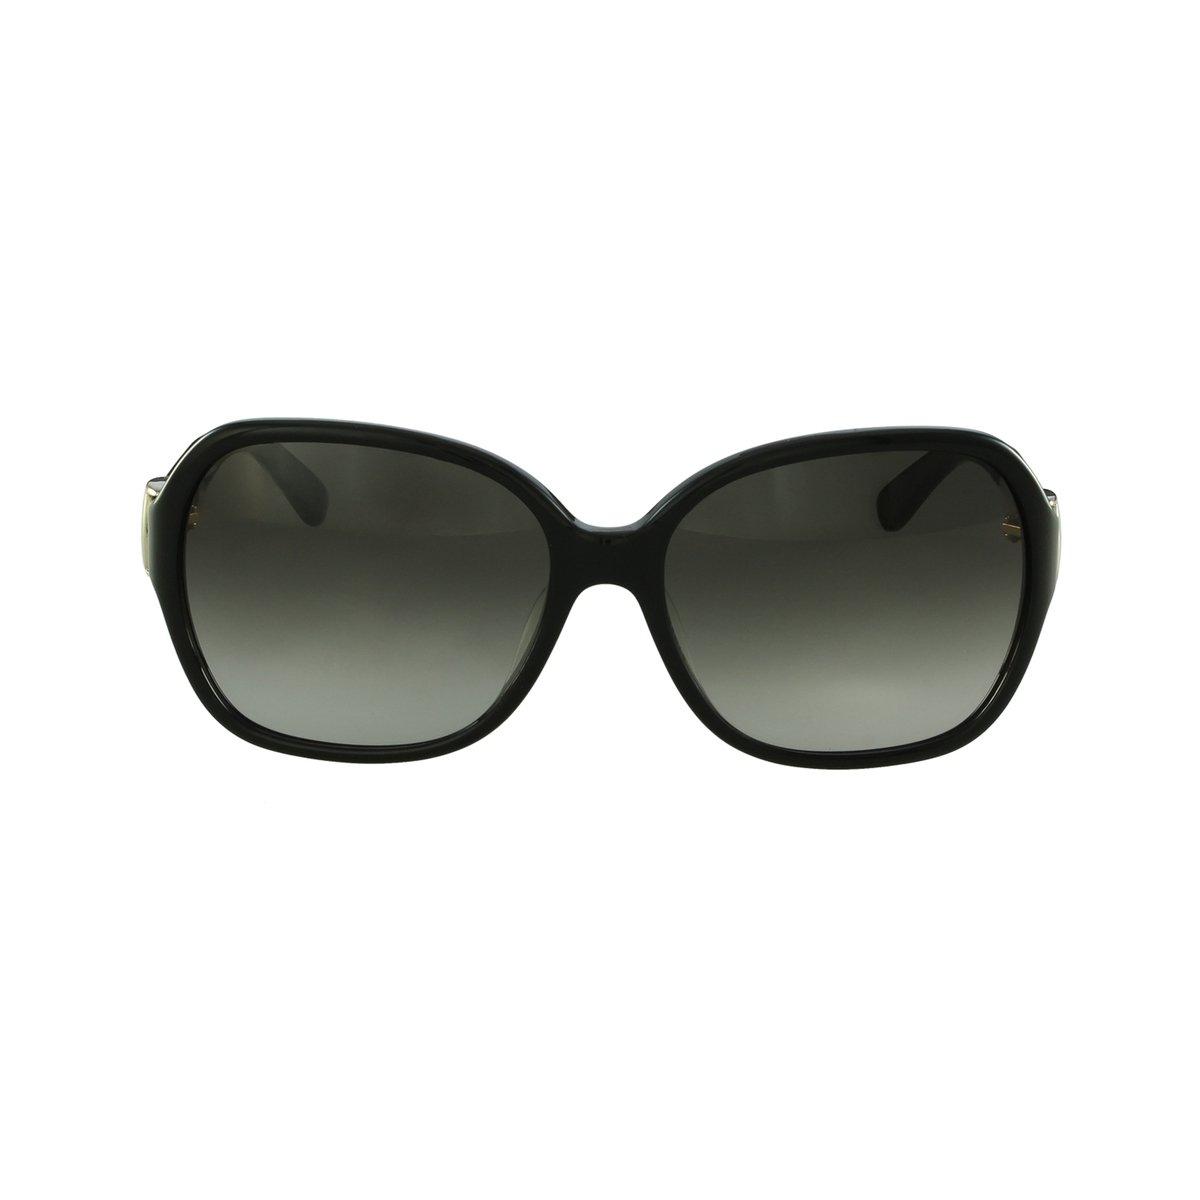 2aed83ab0 Óculos de Sol Salvatore Ferragamo Casual Preto | Netshoes